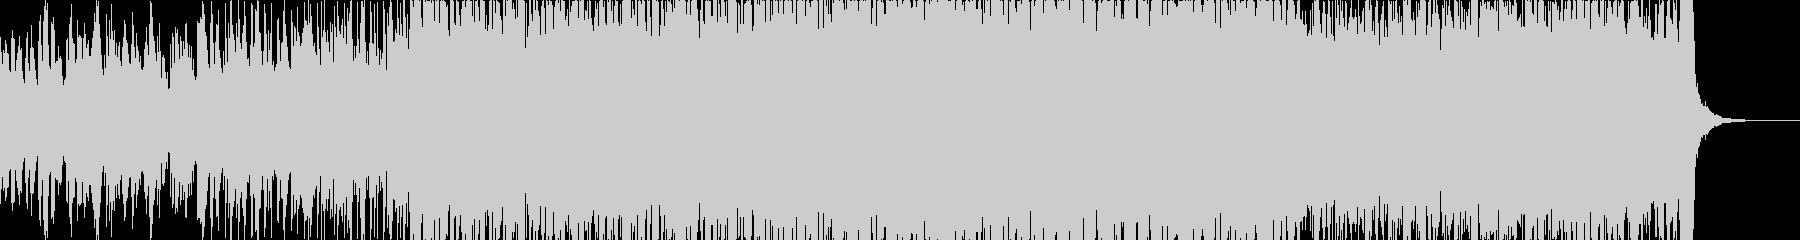 疾走感を感じるアコギが特徴的な夏曲の未再生の波形